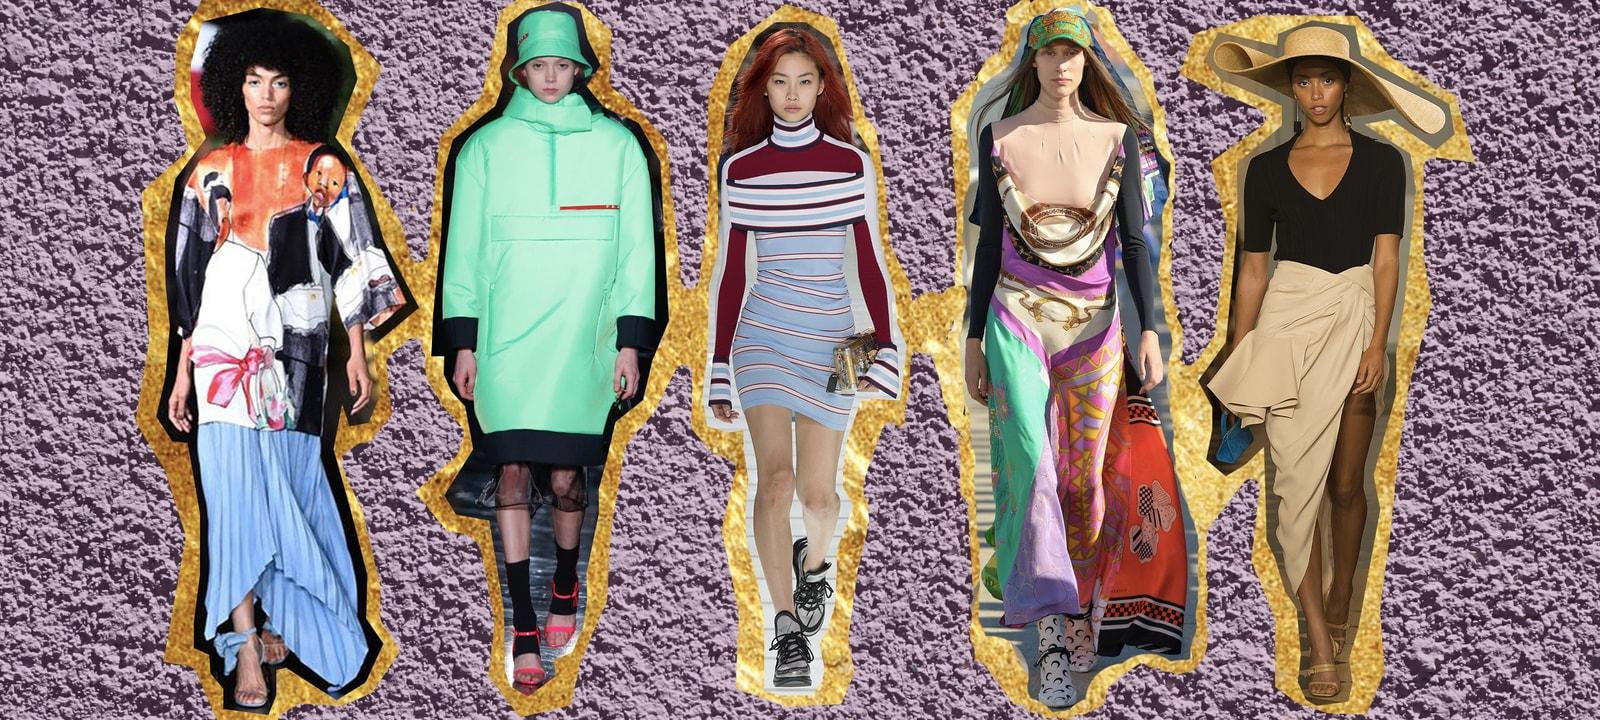 2018 Fashion Trends Designers Louis Vuitton Dior Prada Jacquemus Pyer Moss Marine Serre Martine Rose adidas Danielle Cathari Louis Vuitton